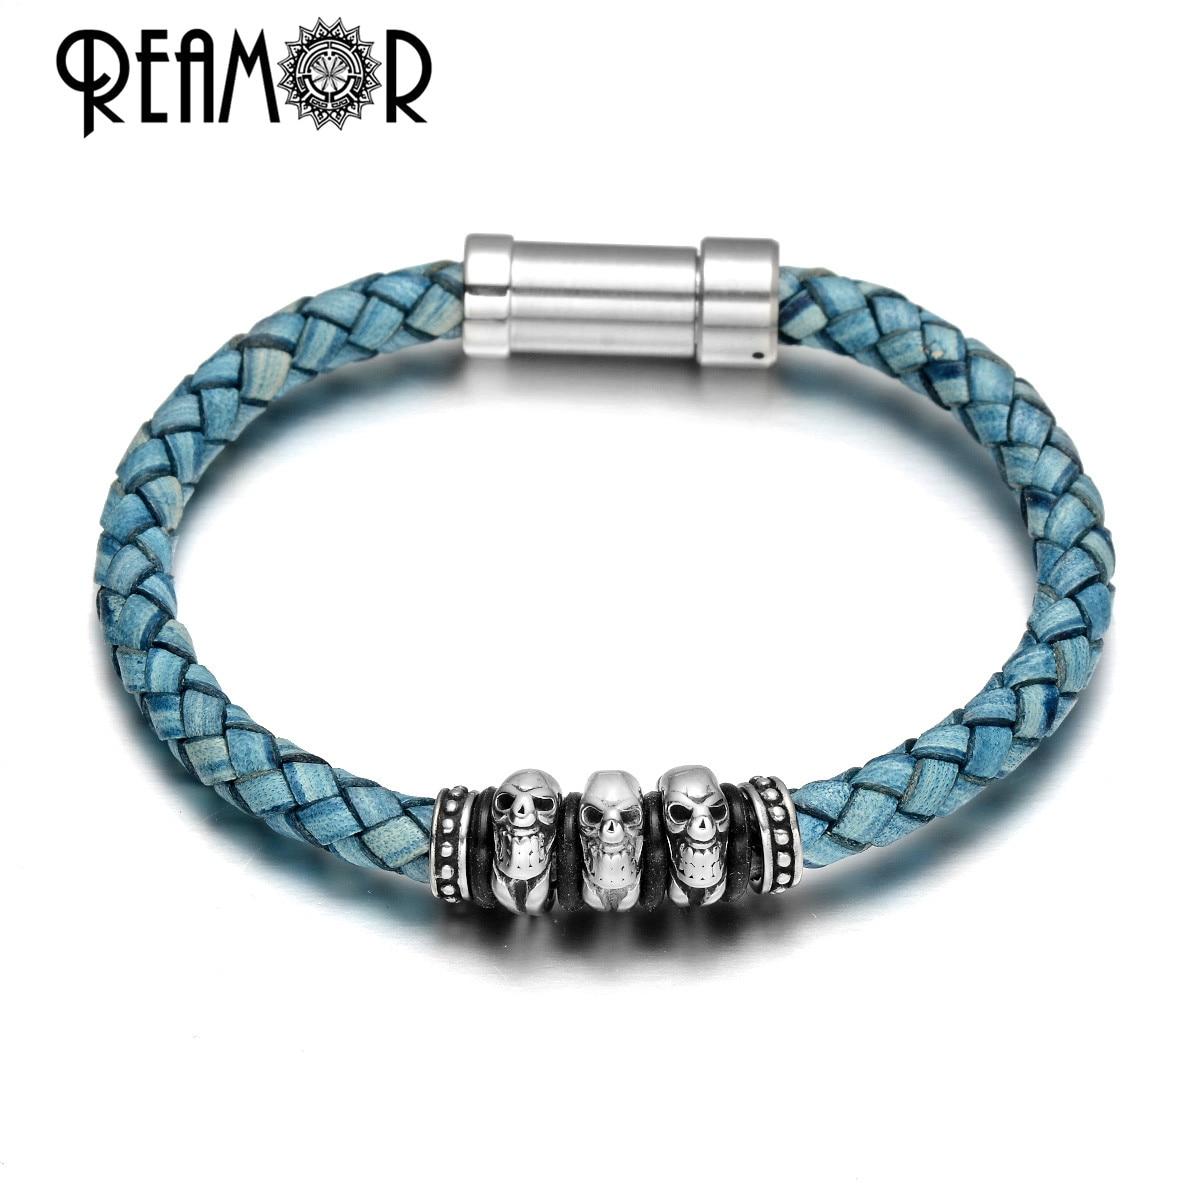 REAMOR Punk Style Stainless steel Skull Bracelet Retro Genuine Leather Braided Bracelets For Men Charm Jewelry Handmade Gift